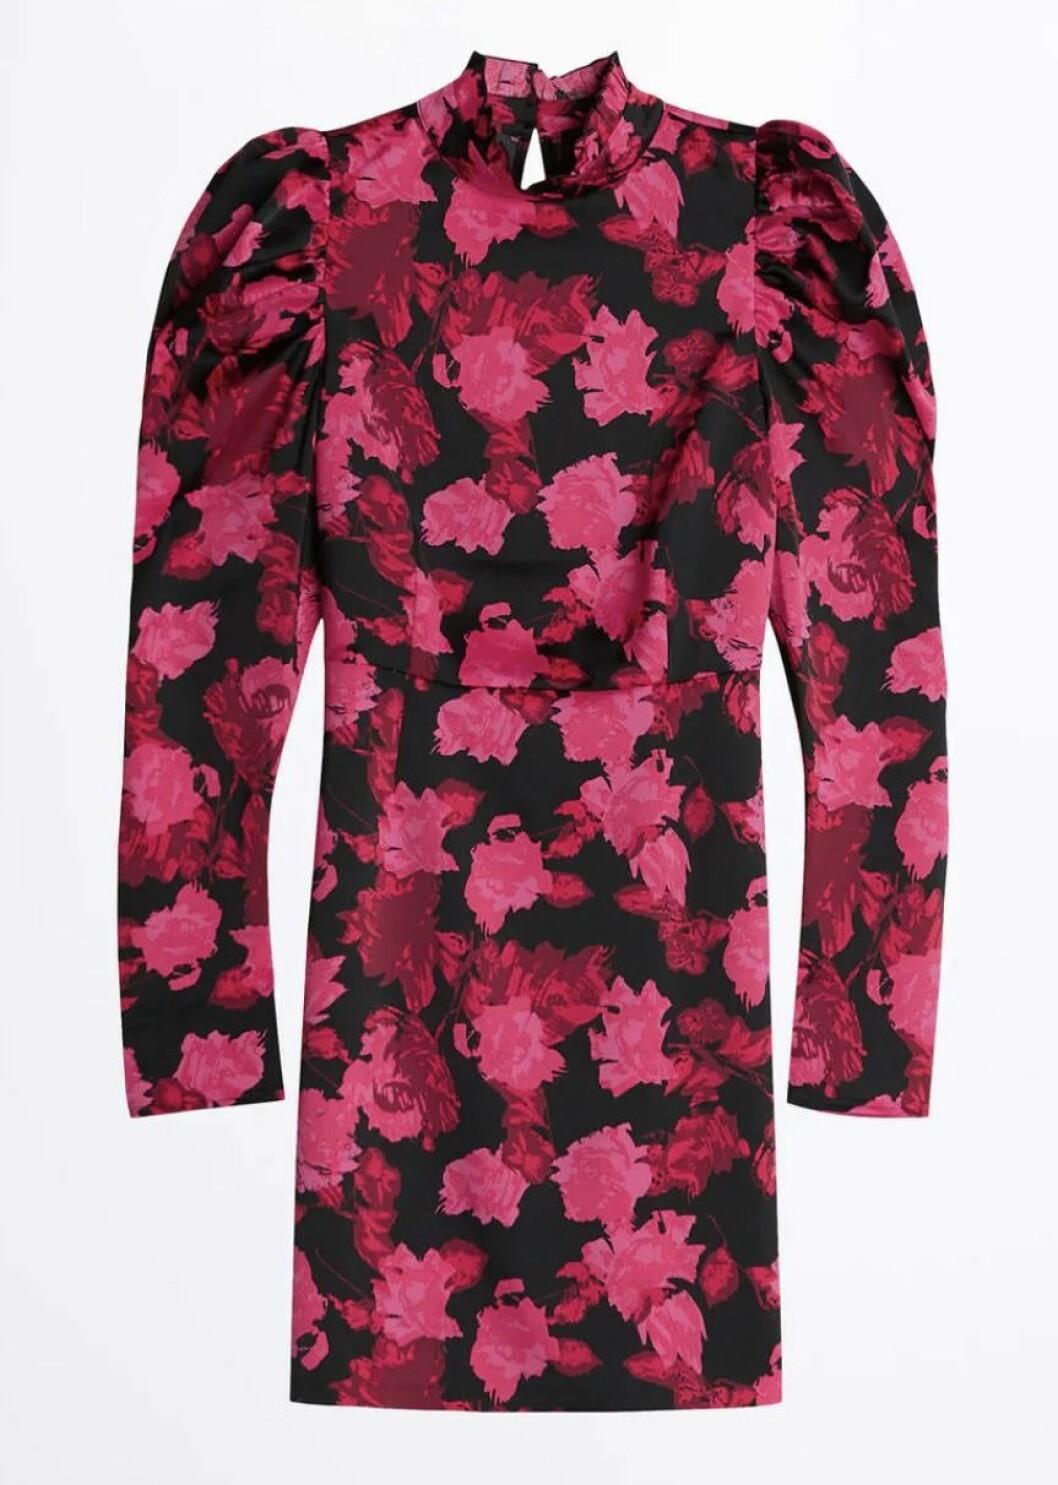 Blommig klänning med puffärm från Gina tricot